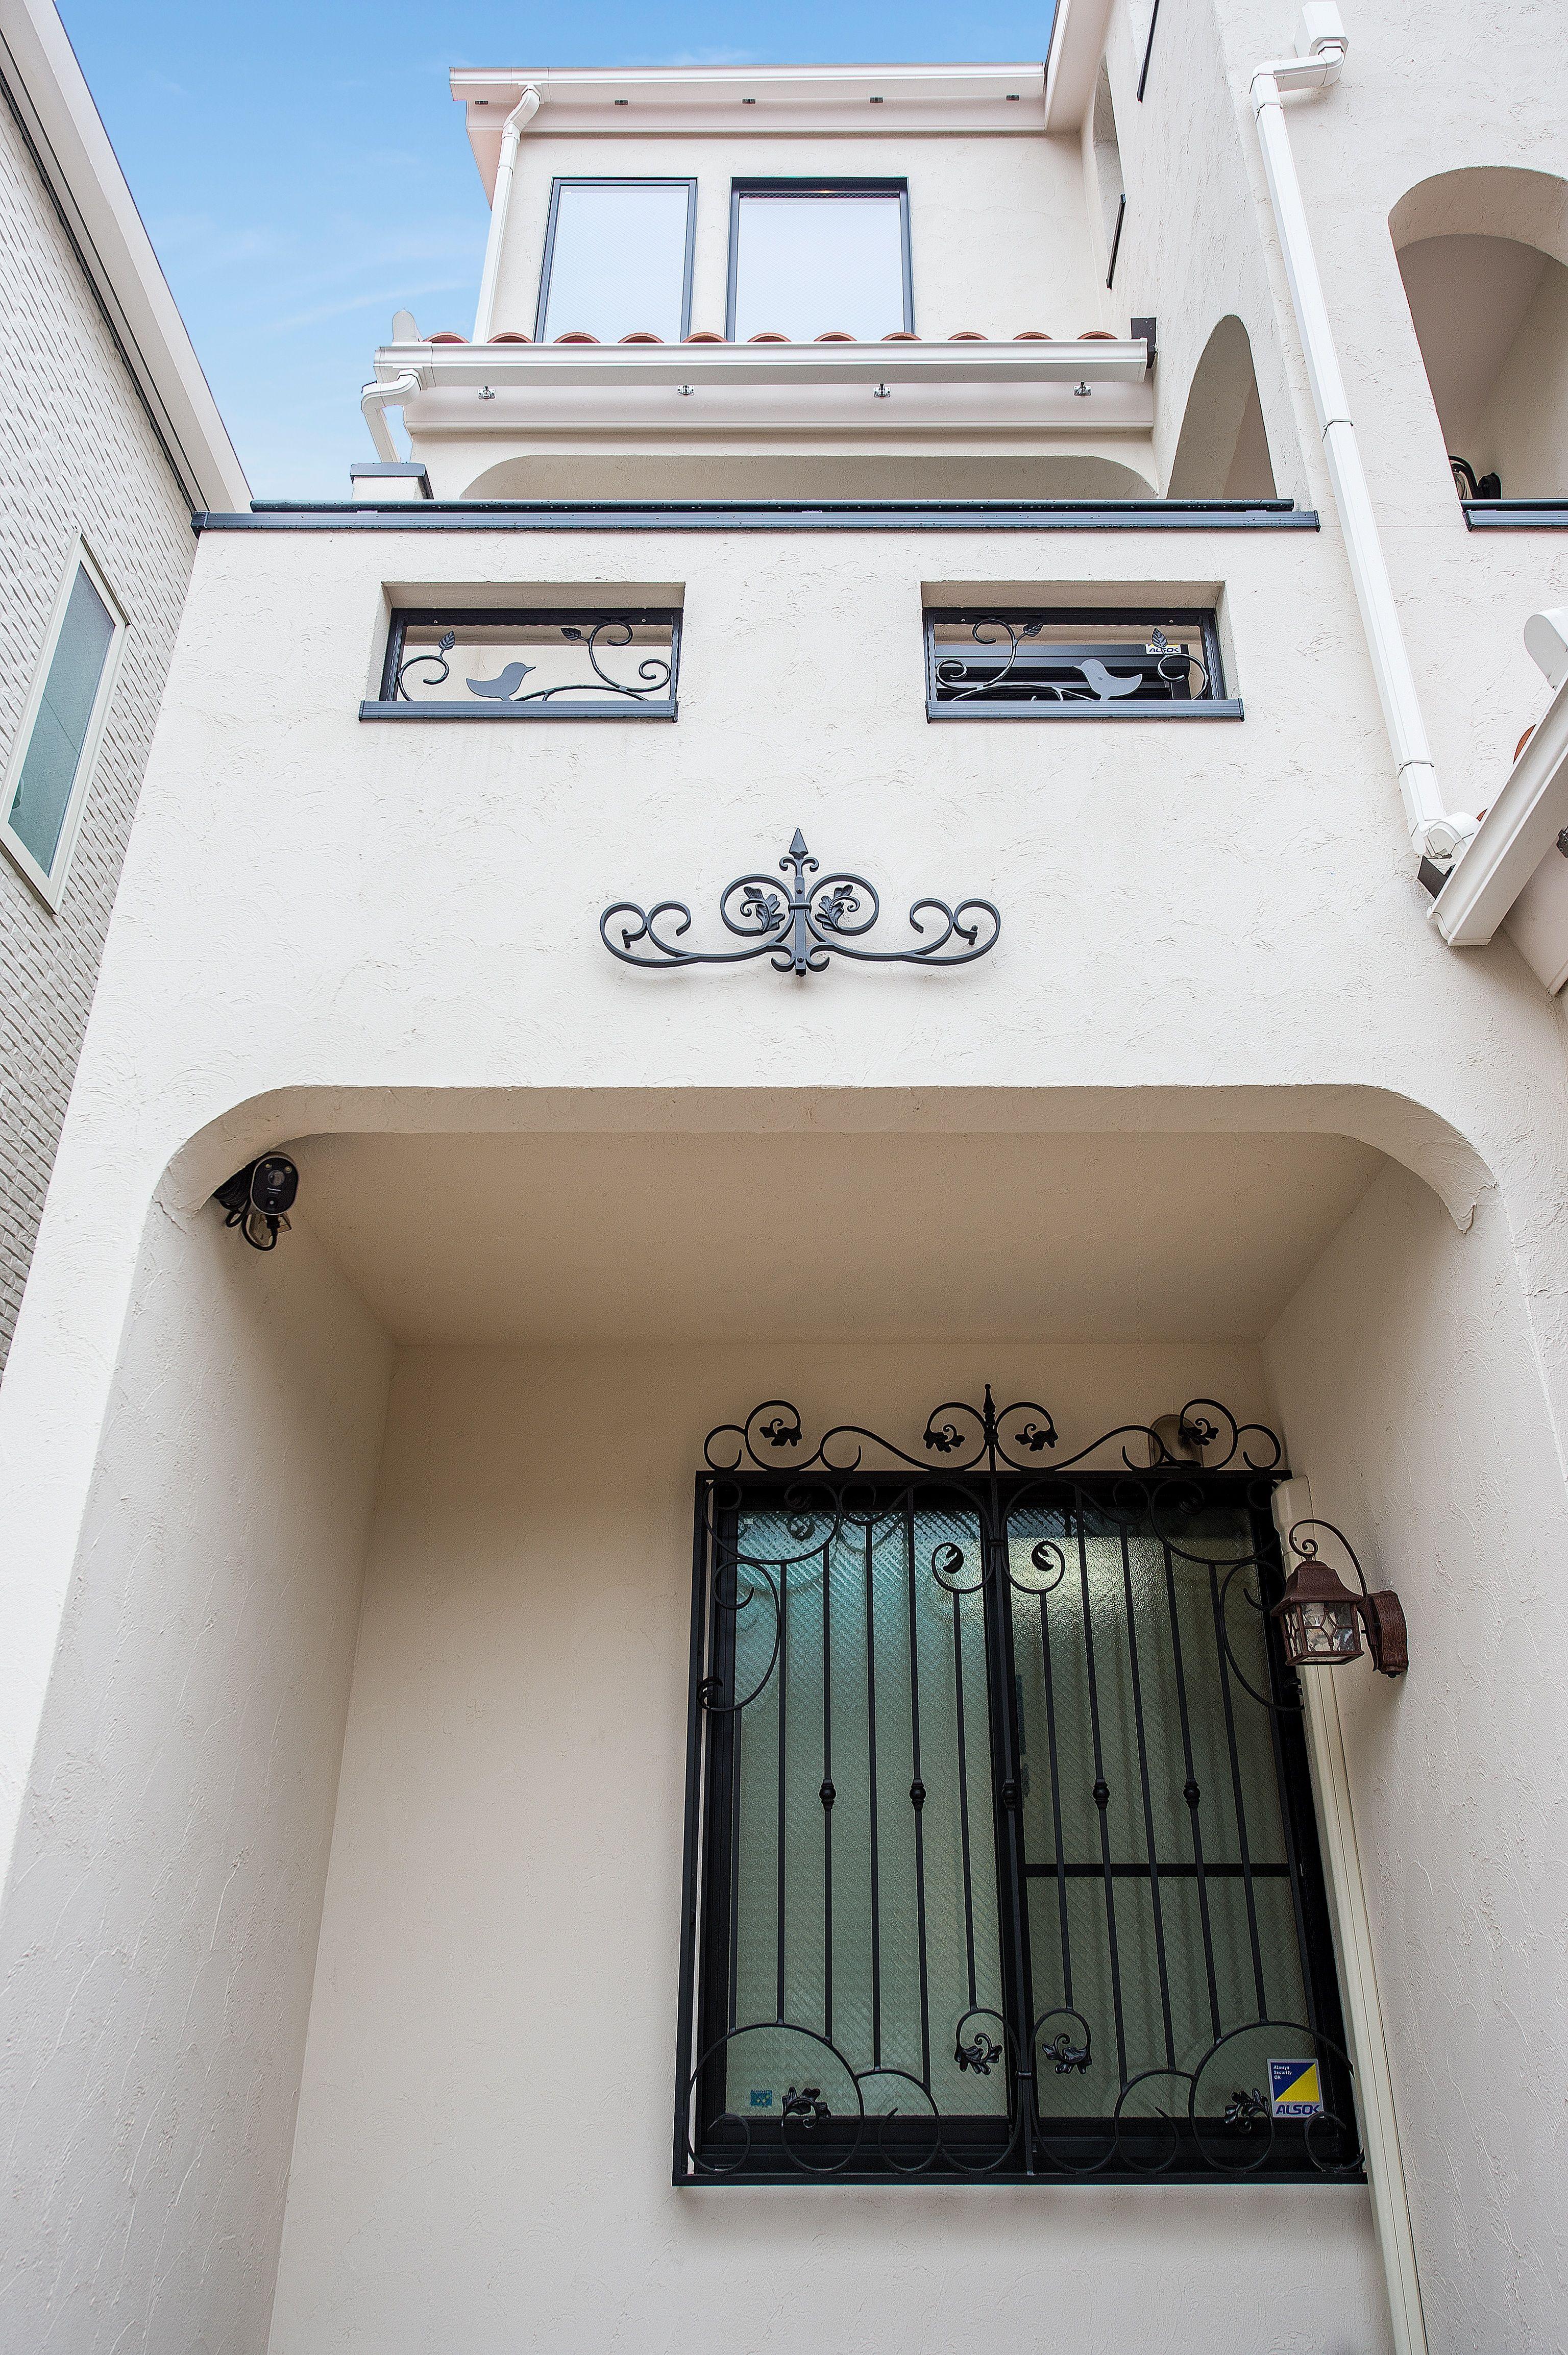 お施主様こだわりのオーダー面格子と妻飾りは曲線が美しい。2階バルコニー開口にある鳥をモチーフにした飾り格子はスペースラボオリジナル